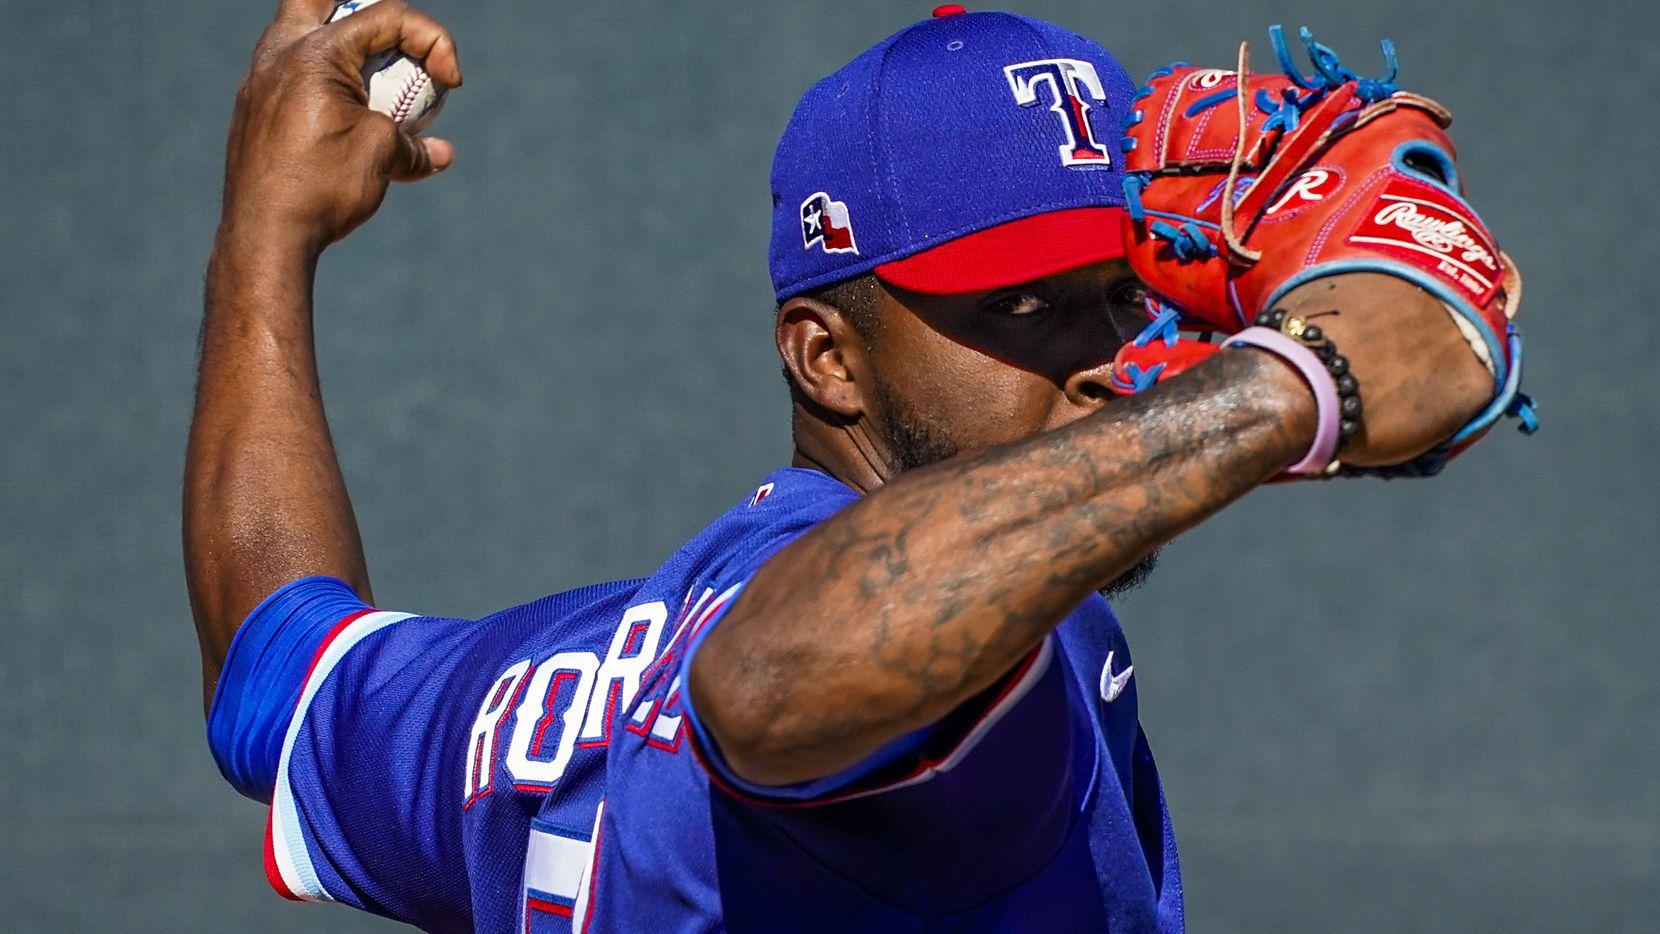 El pitcher relevista de los Texas Rangers, Joely Rodríguez, durante un juego en el campamento de primavera ante los Rockies de Colorado, el 26 de febrero en Surprise, Arizona.